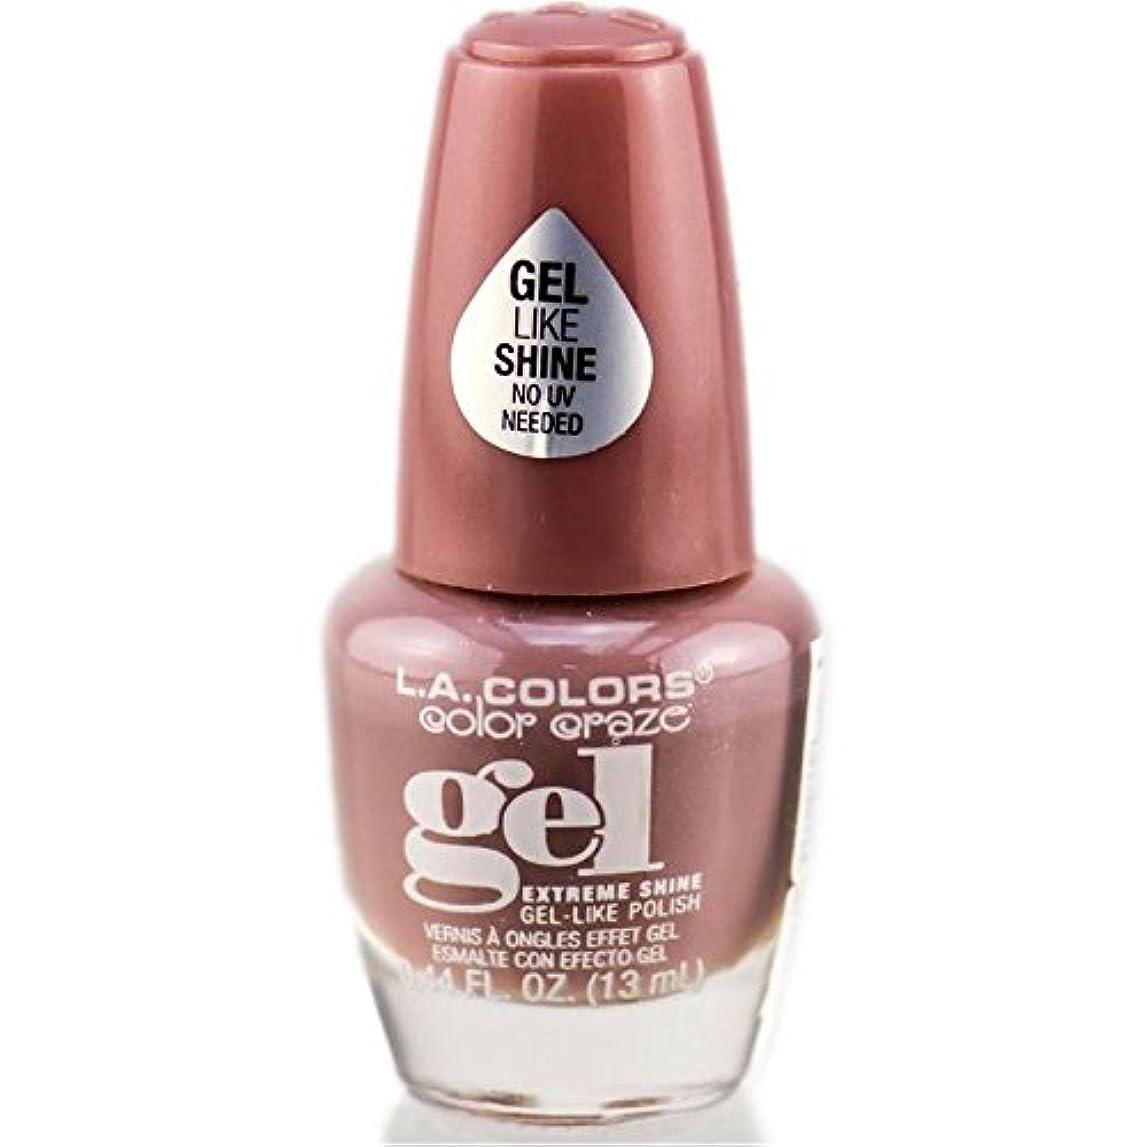 ジャンク規定感染するLA Colors 美容化粧品21 Cnp769美容化粧品21